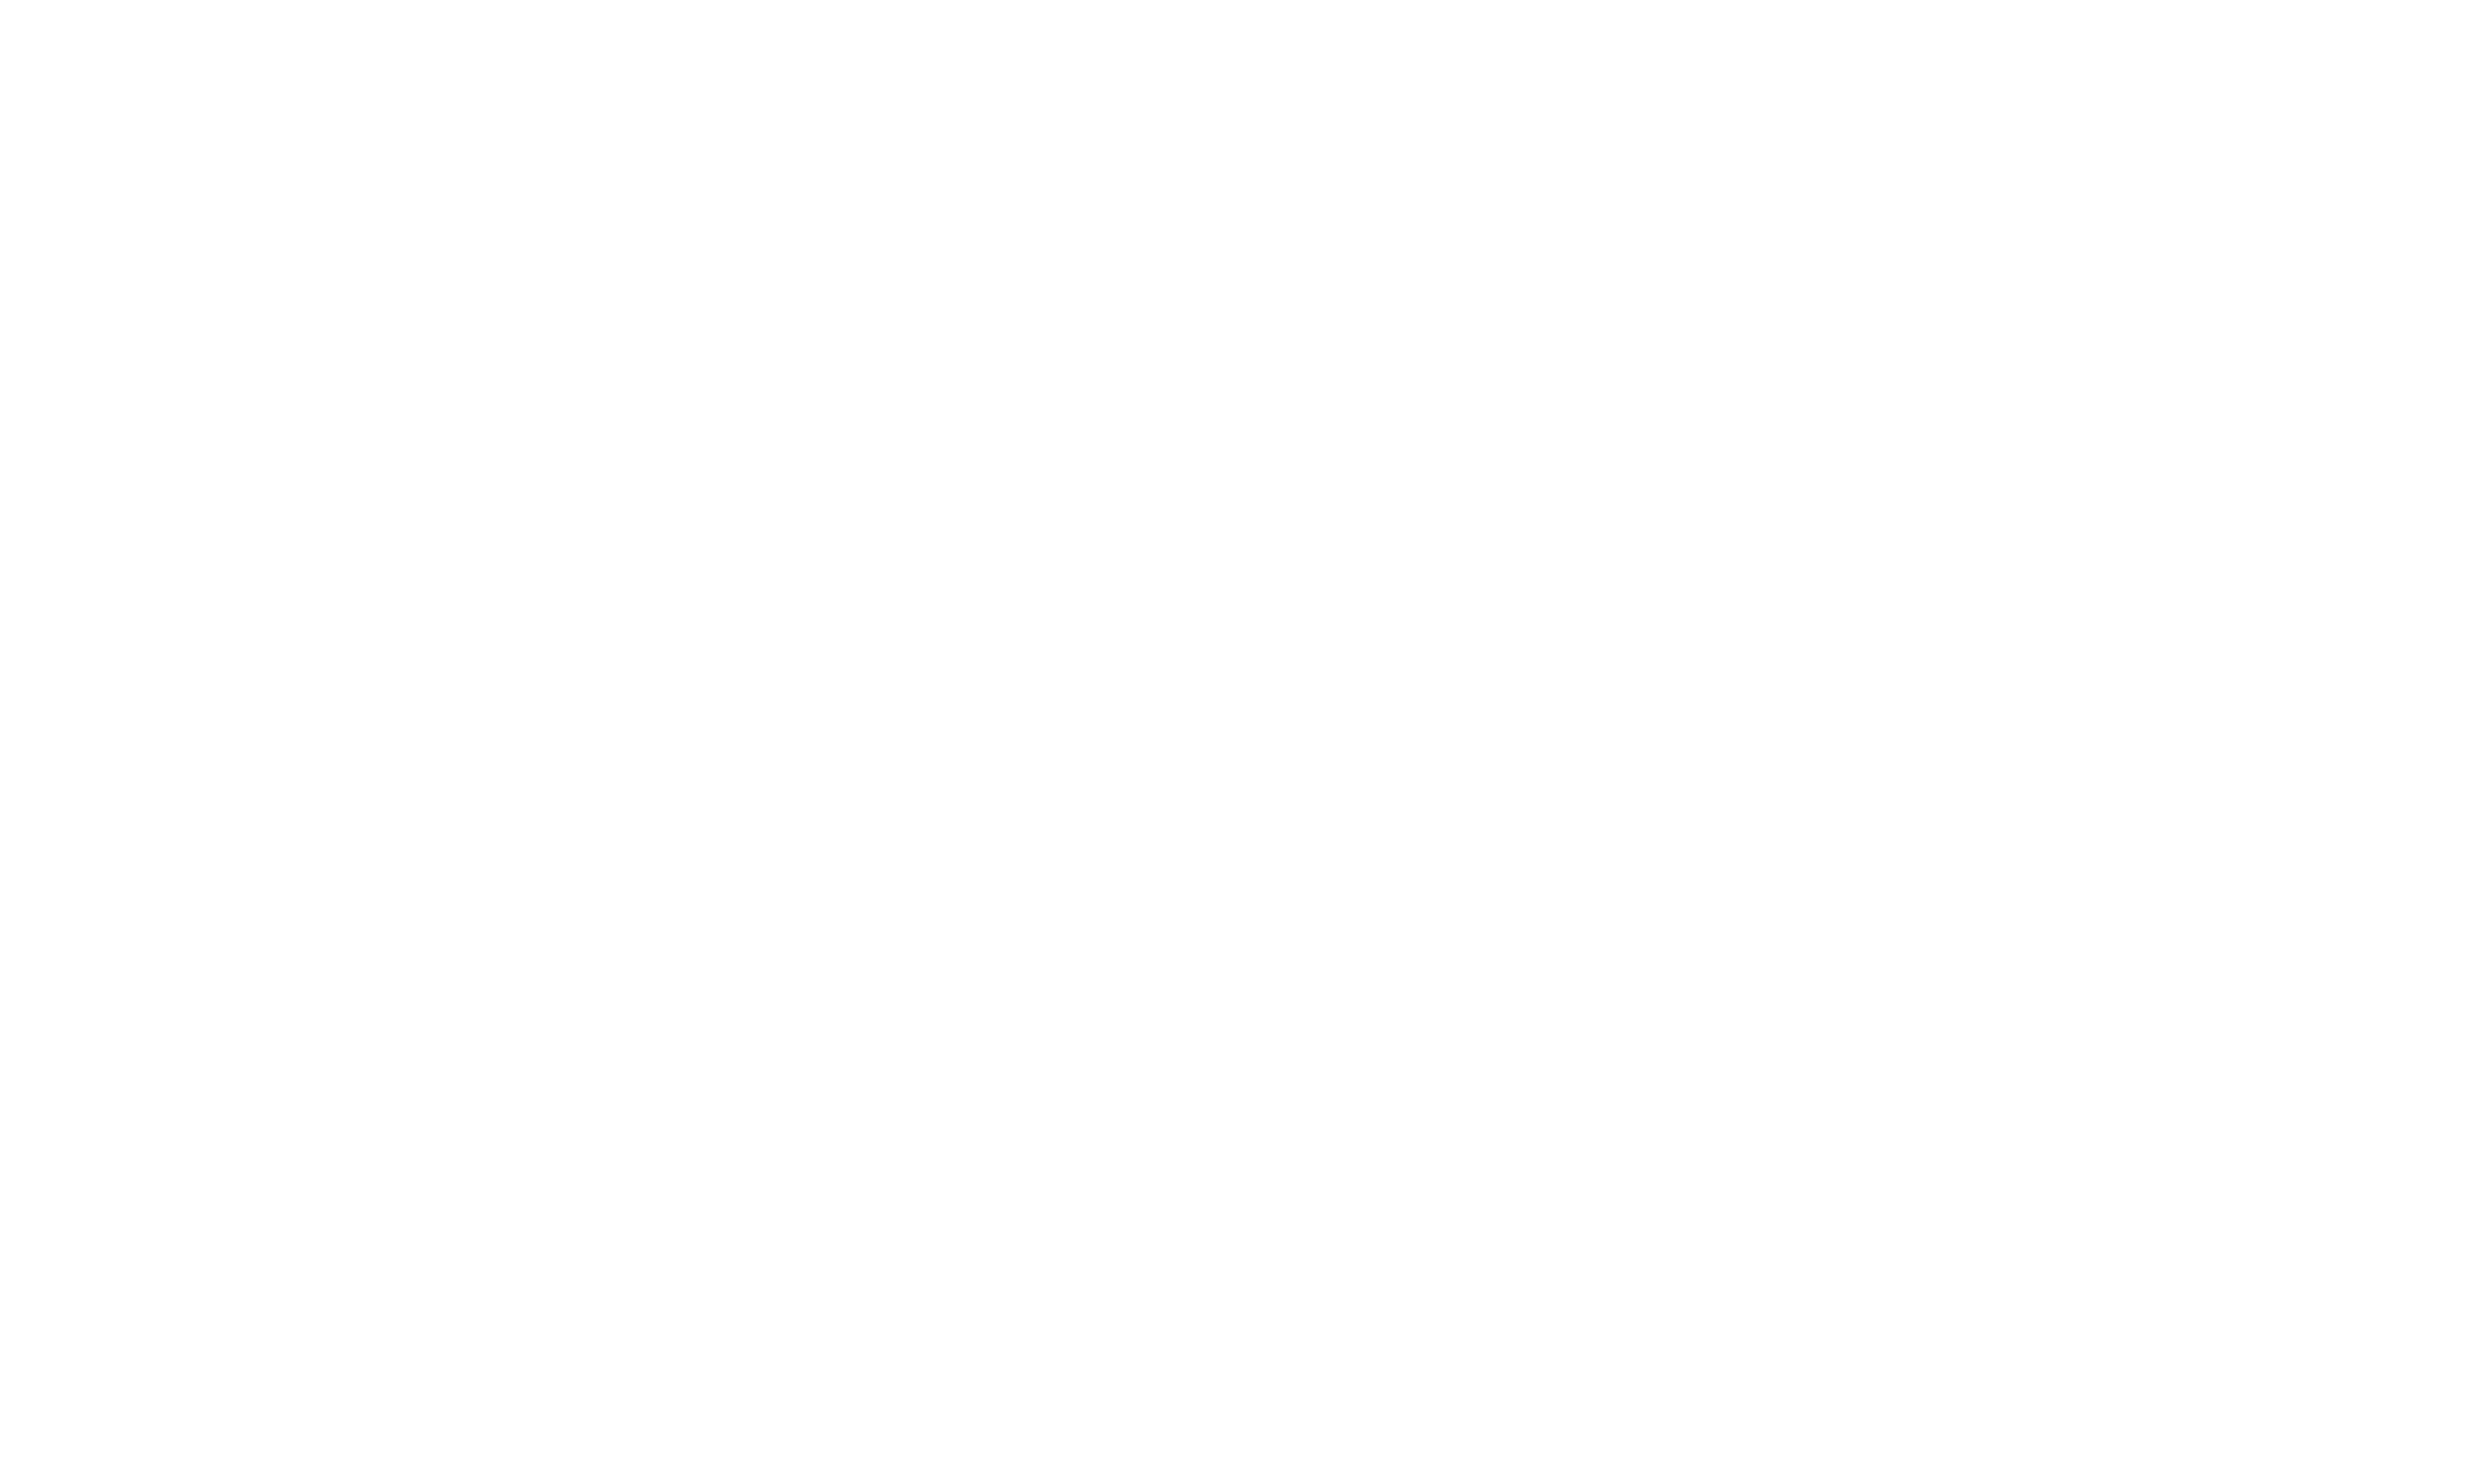 walt-disney-world-logo-walt-disney-world-resort-in-florida-walt-disney-world-logo.png